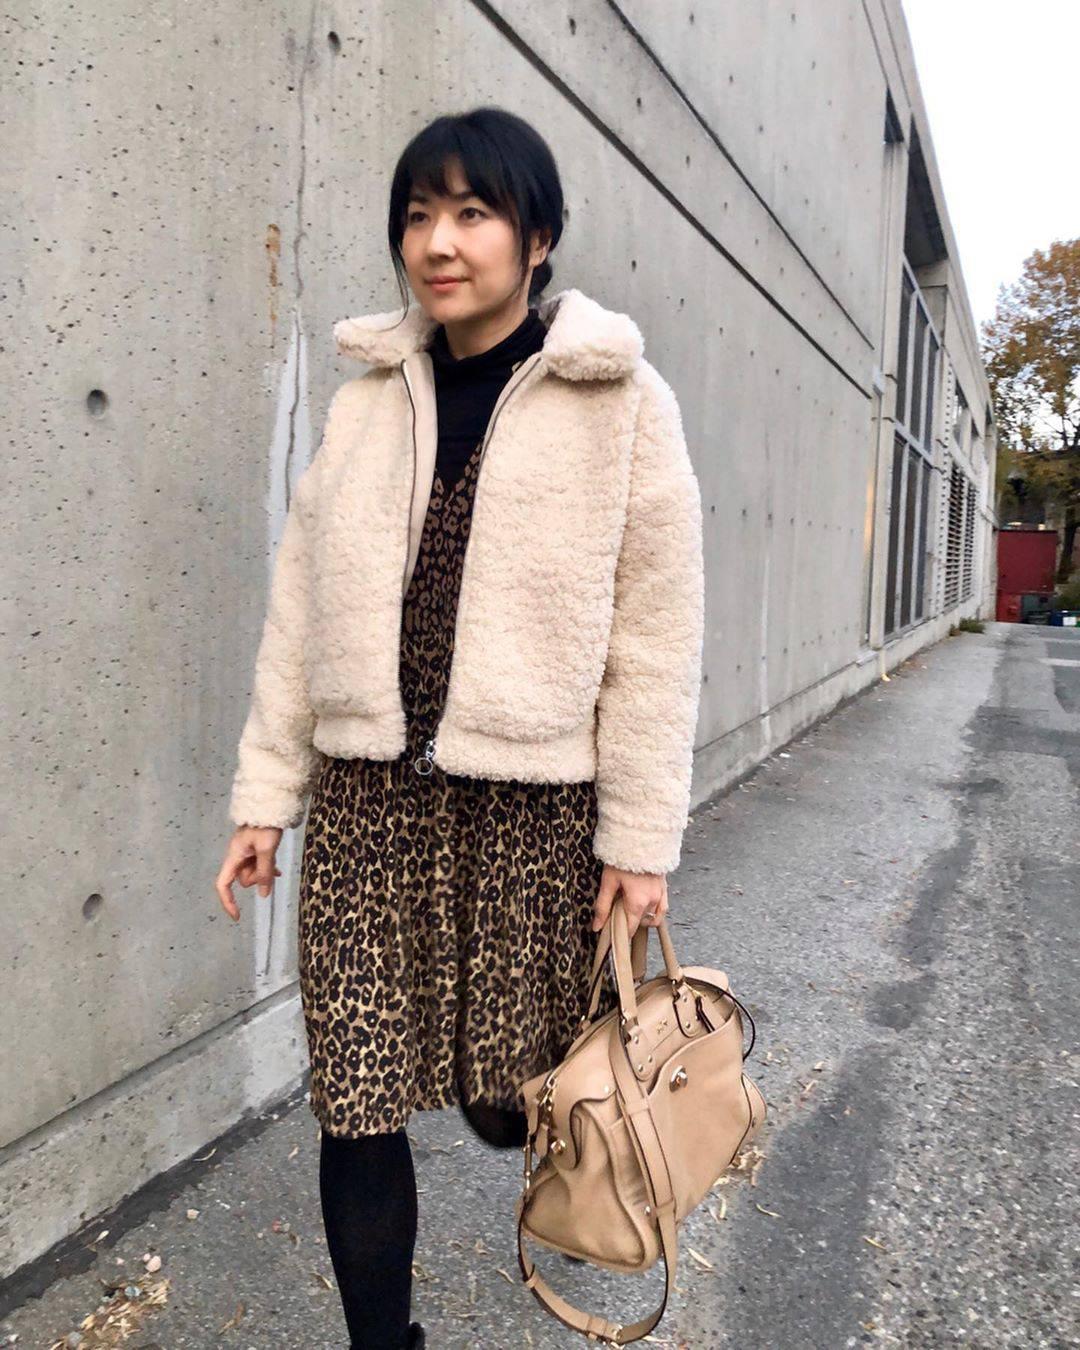 最高気温22度・最低気温9度 i.styleclosetの服装